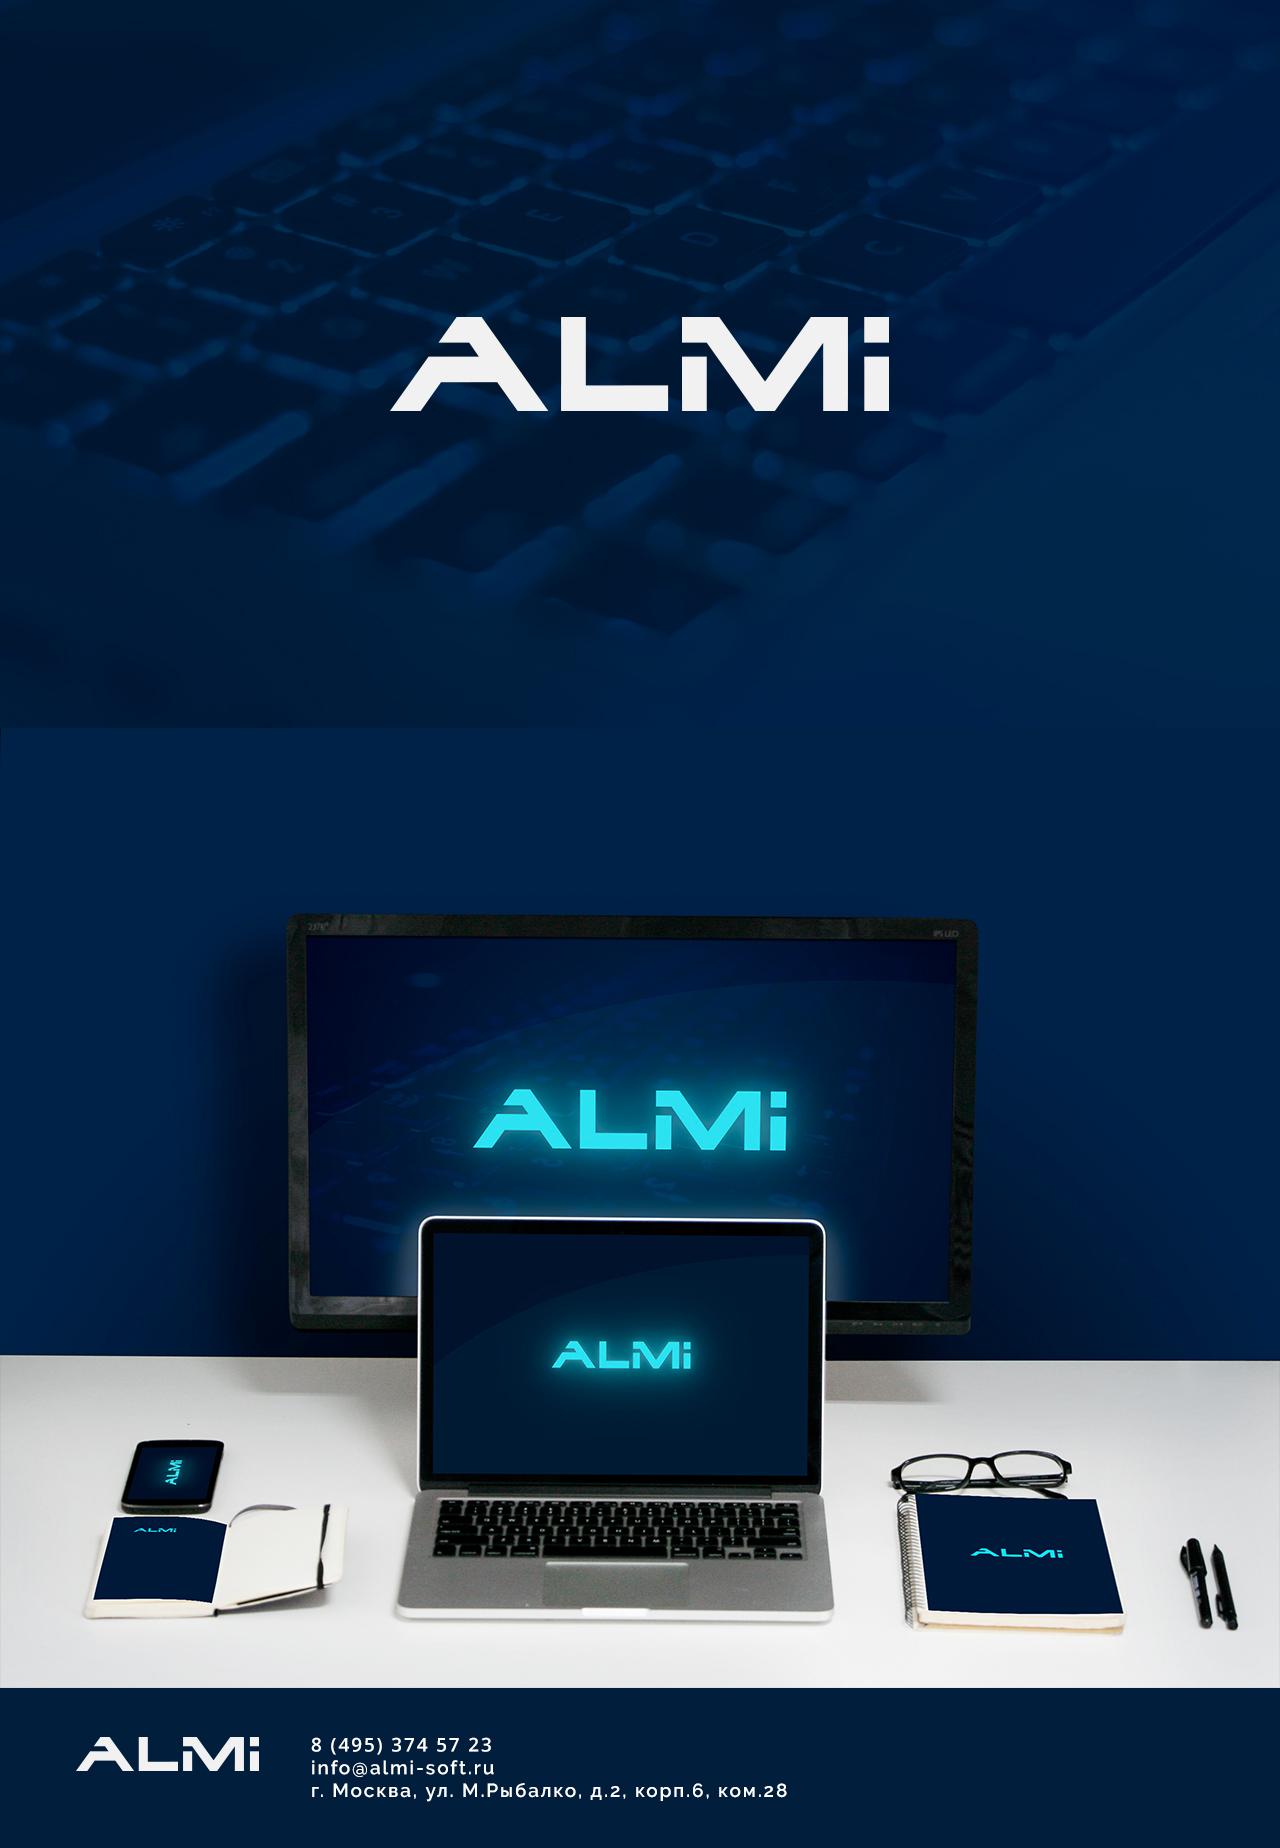 Разработка логотипа и фона фото f_913599810edd4481.jpg